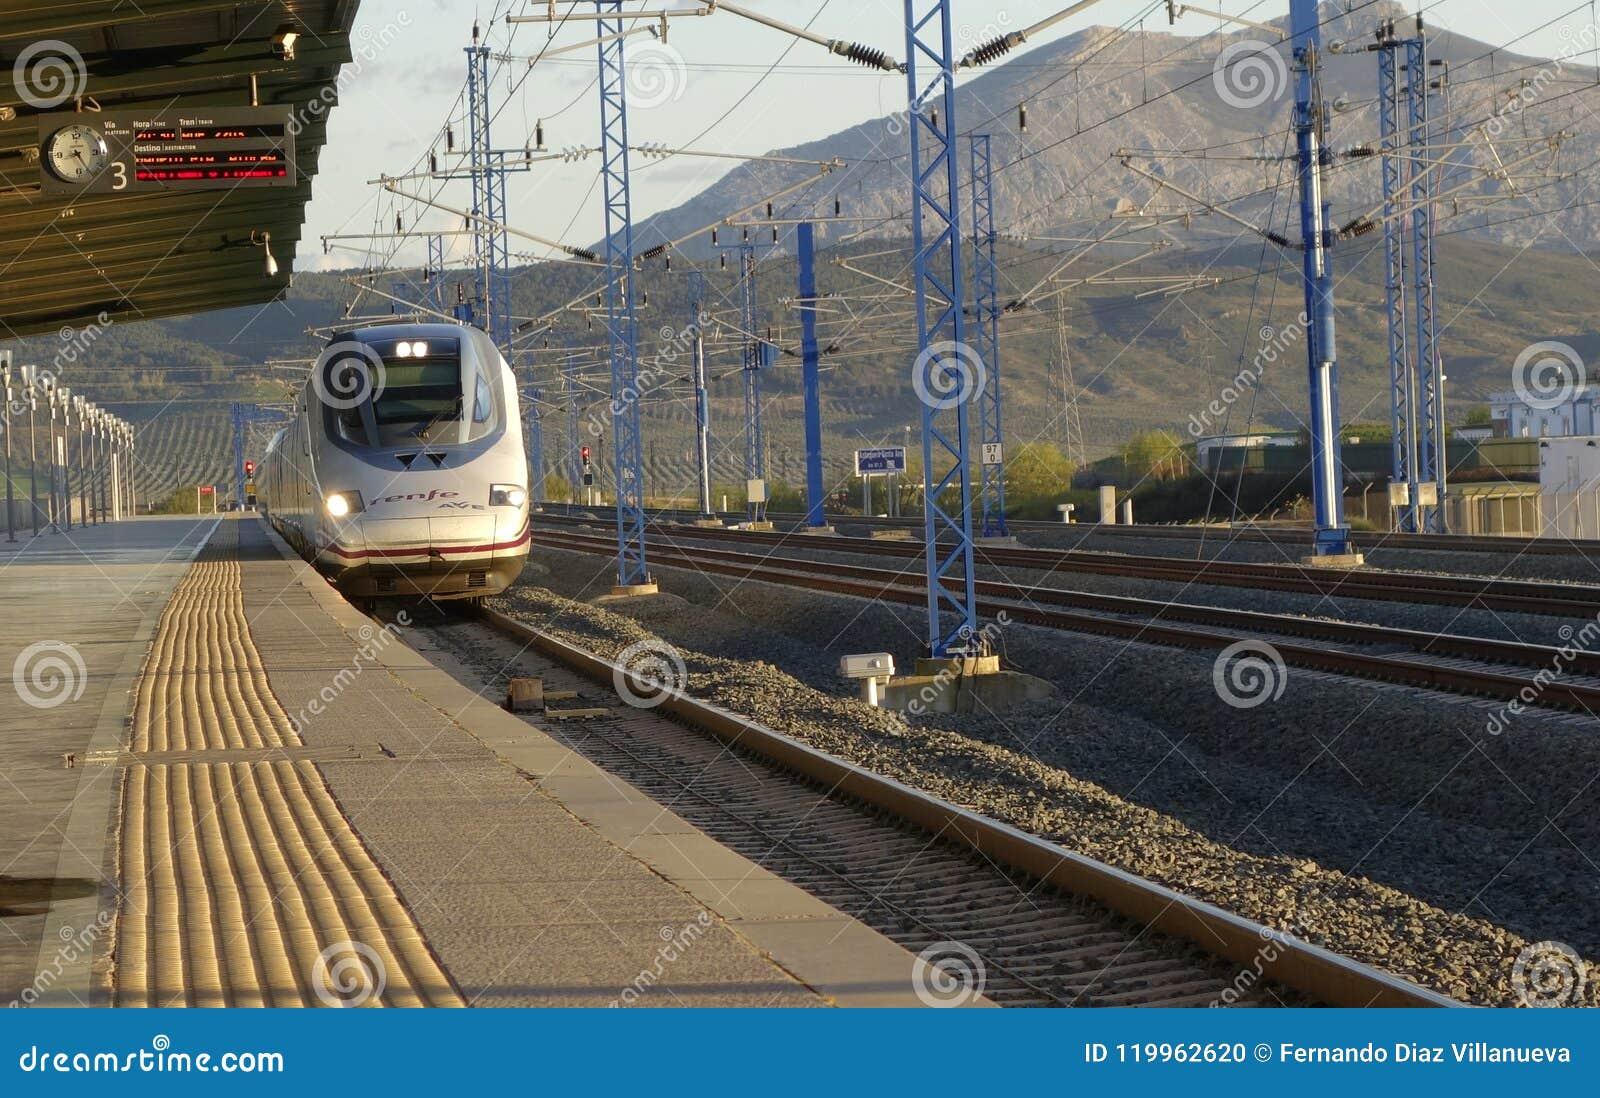 Un viale ad alta velocità S-102 di Renfe dal laga del ¡ di MÃ che si dirige a Madrid-Atoch alla stazione ferroviaria di Antequera